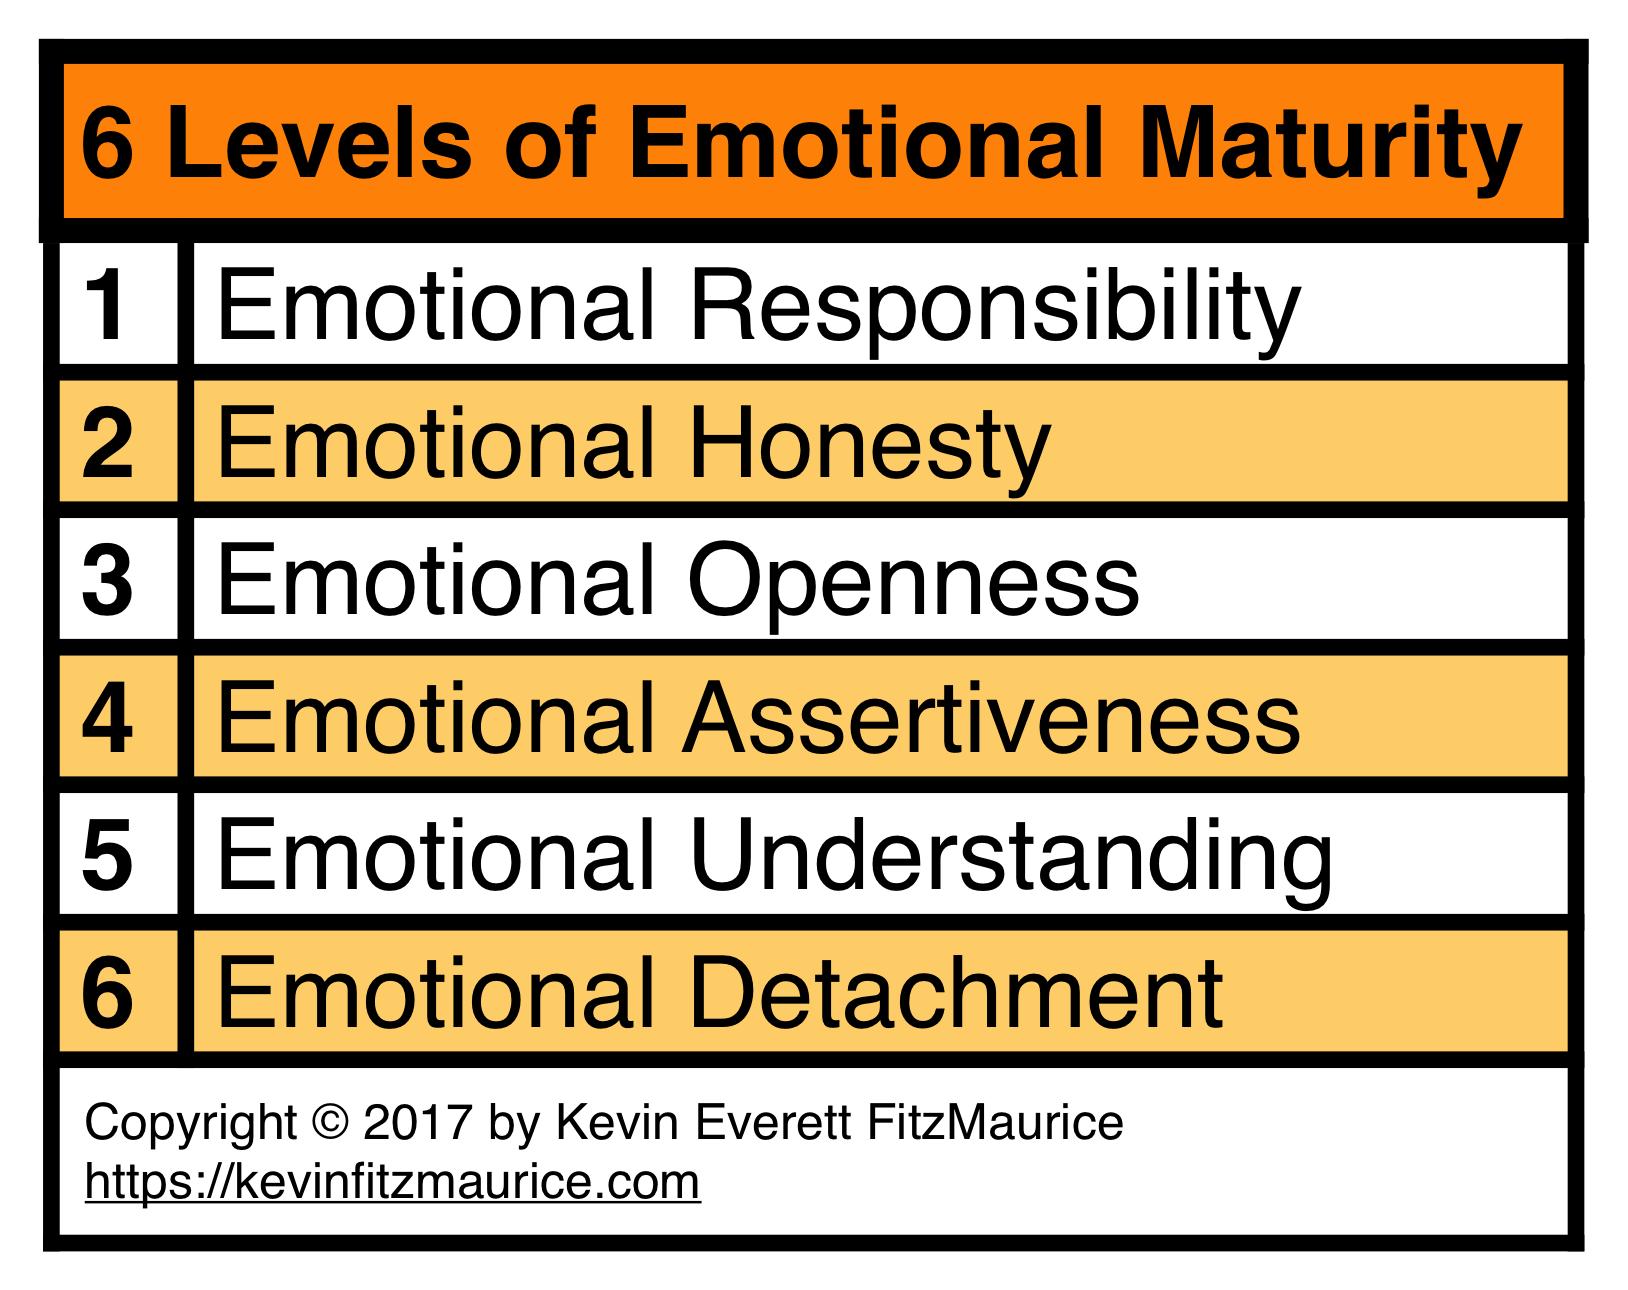 成熟心理学のレベル